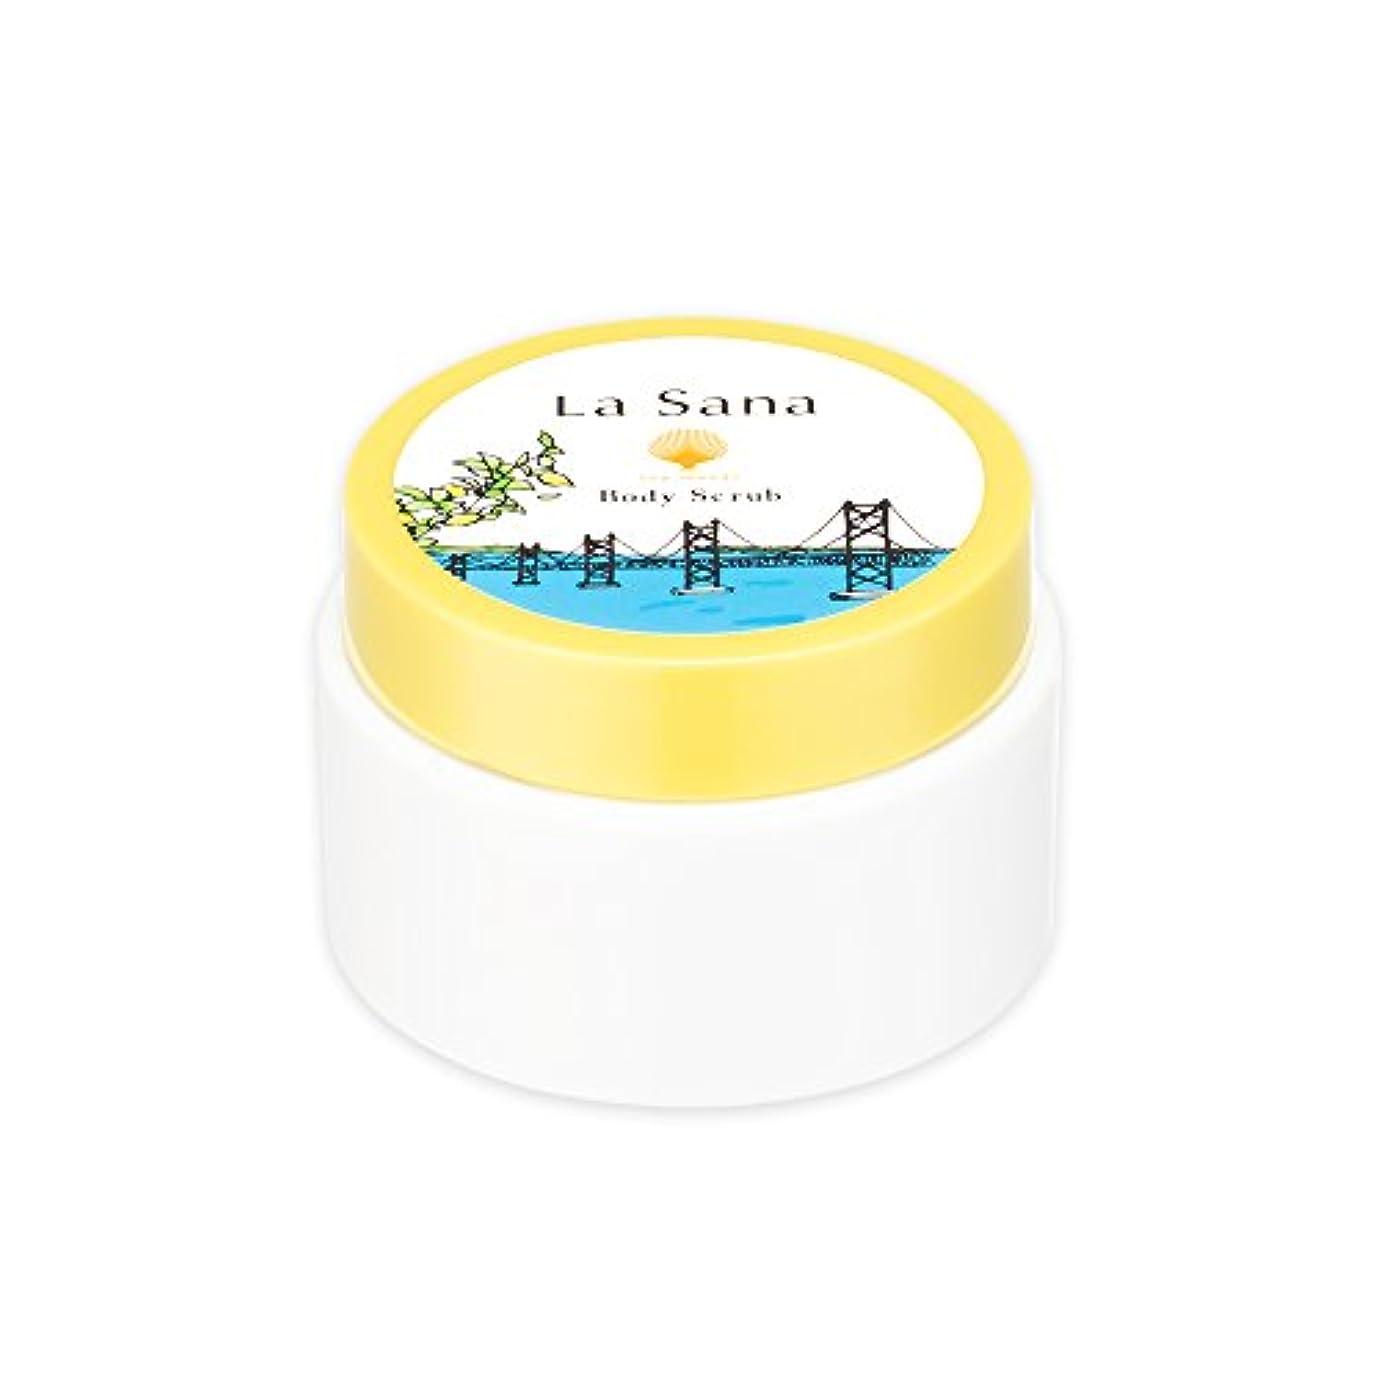 タール光景エトナ山ラサーナ La sana 海藻 ボディ スクラブ 100g 限定 瀬戸内レモンの香り ボディケア 日本製 (約1ヵ月分)